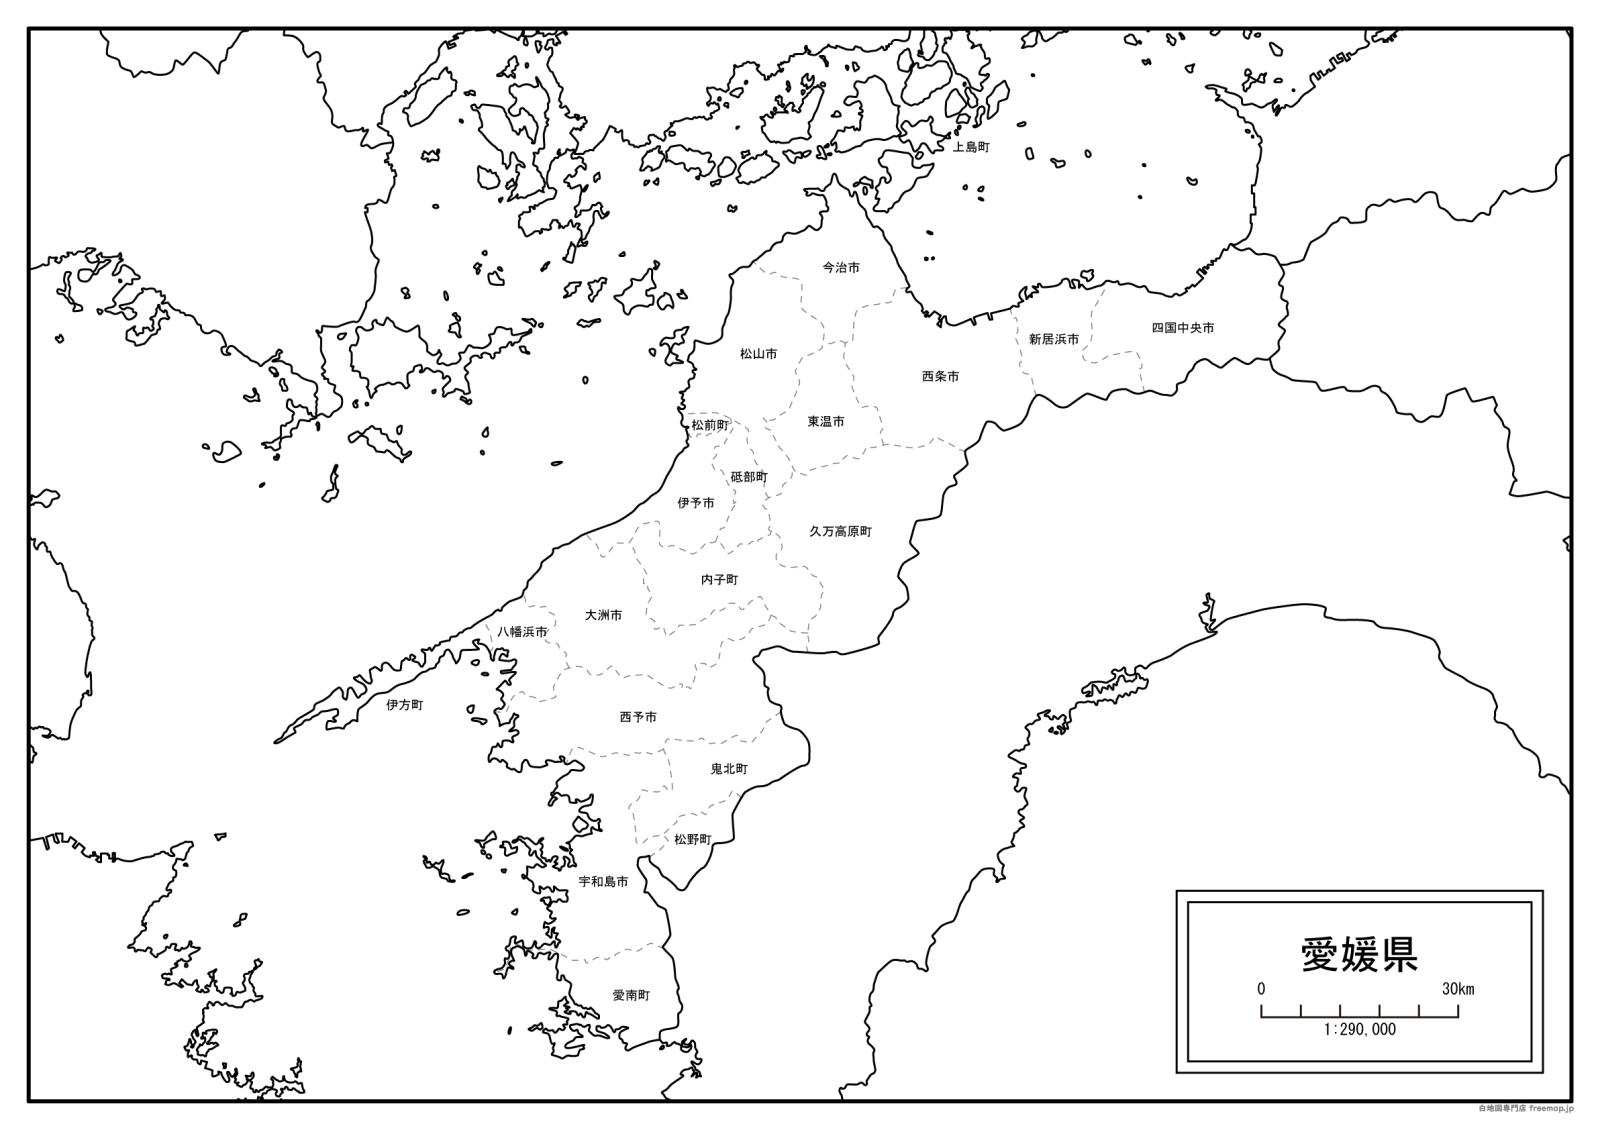 愛媛県白地図